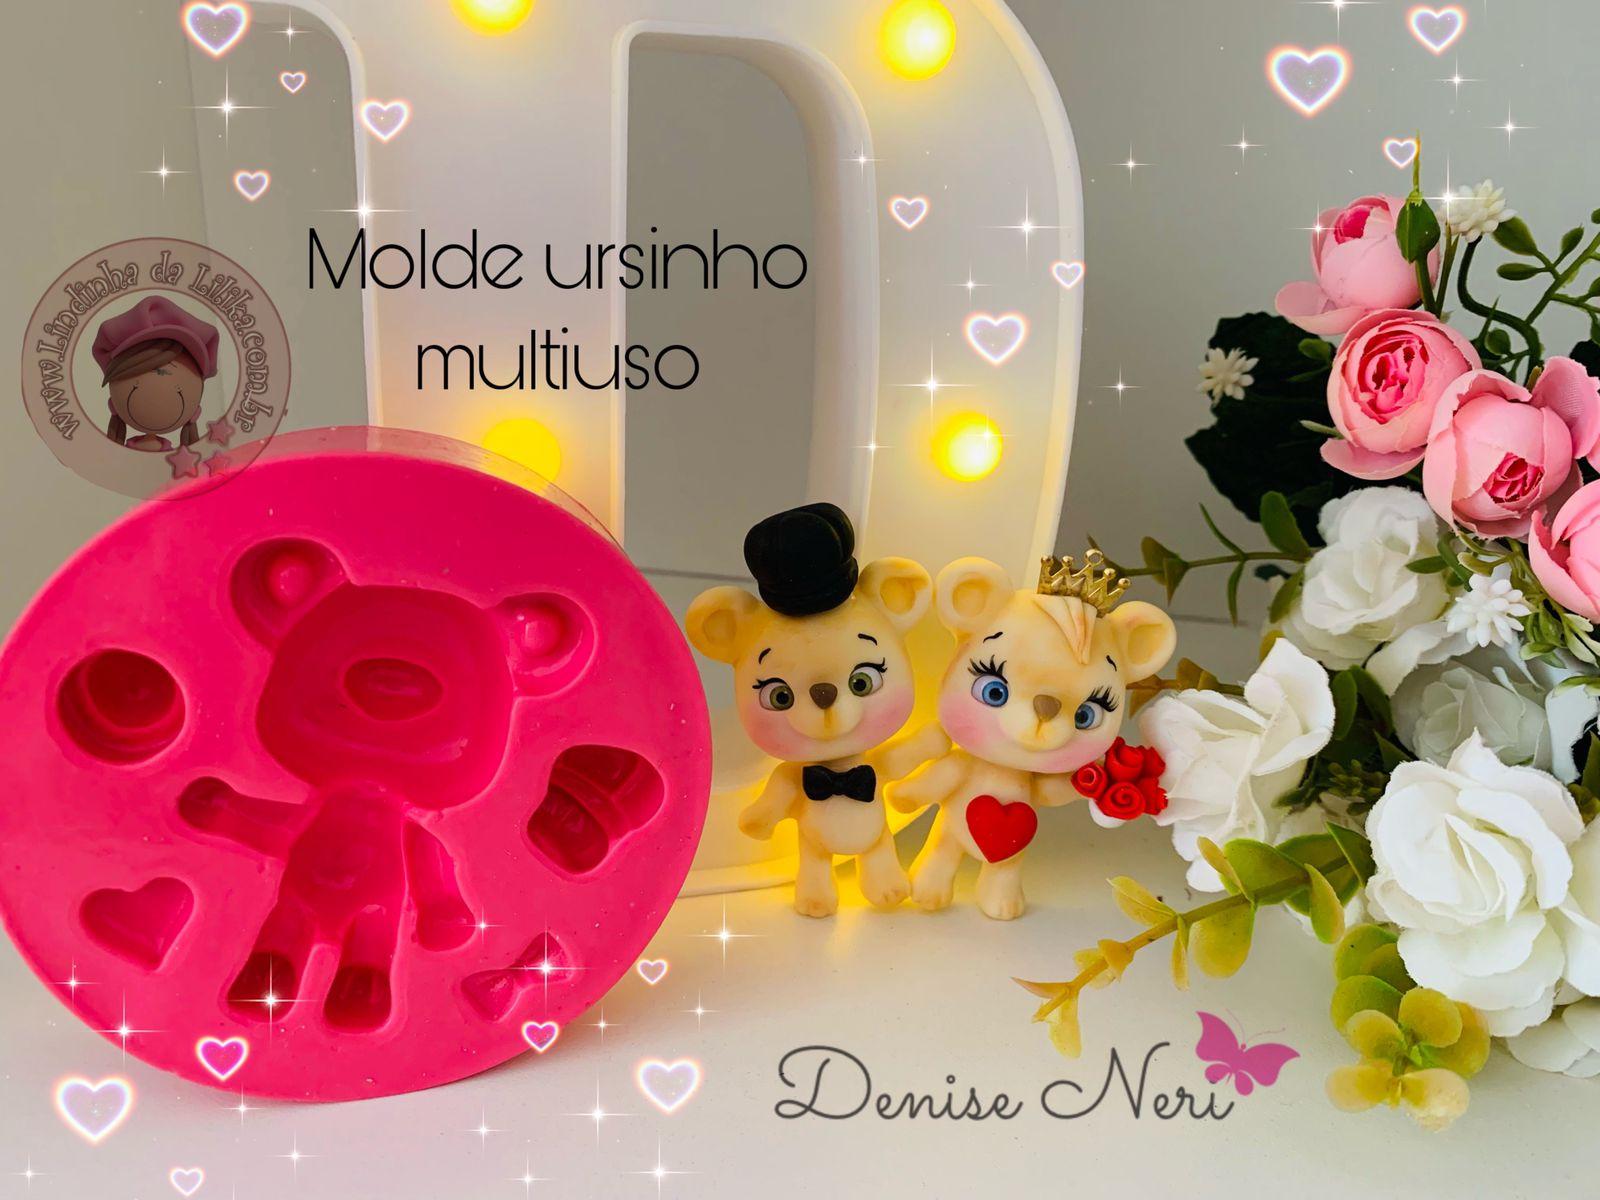 URSINHO MULTIUSO